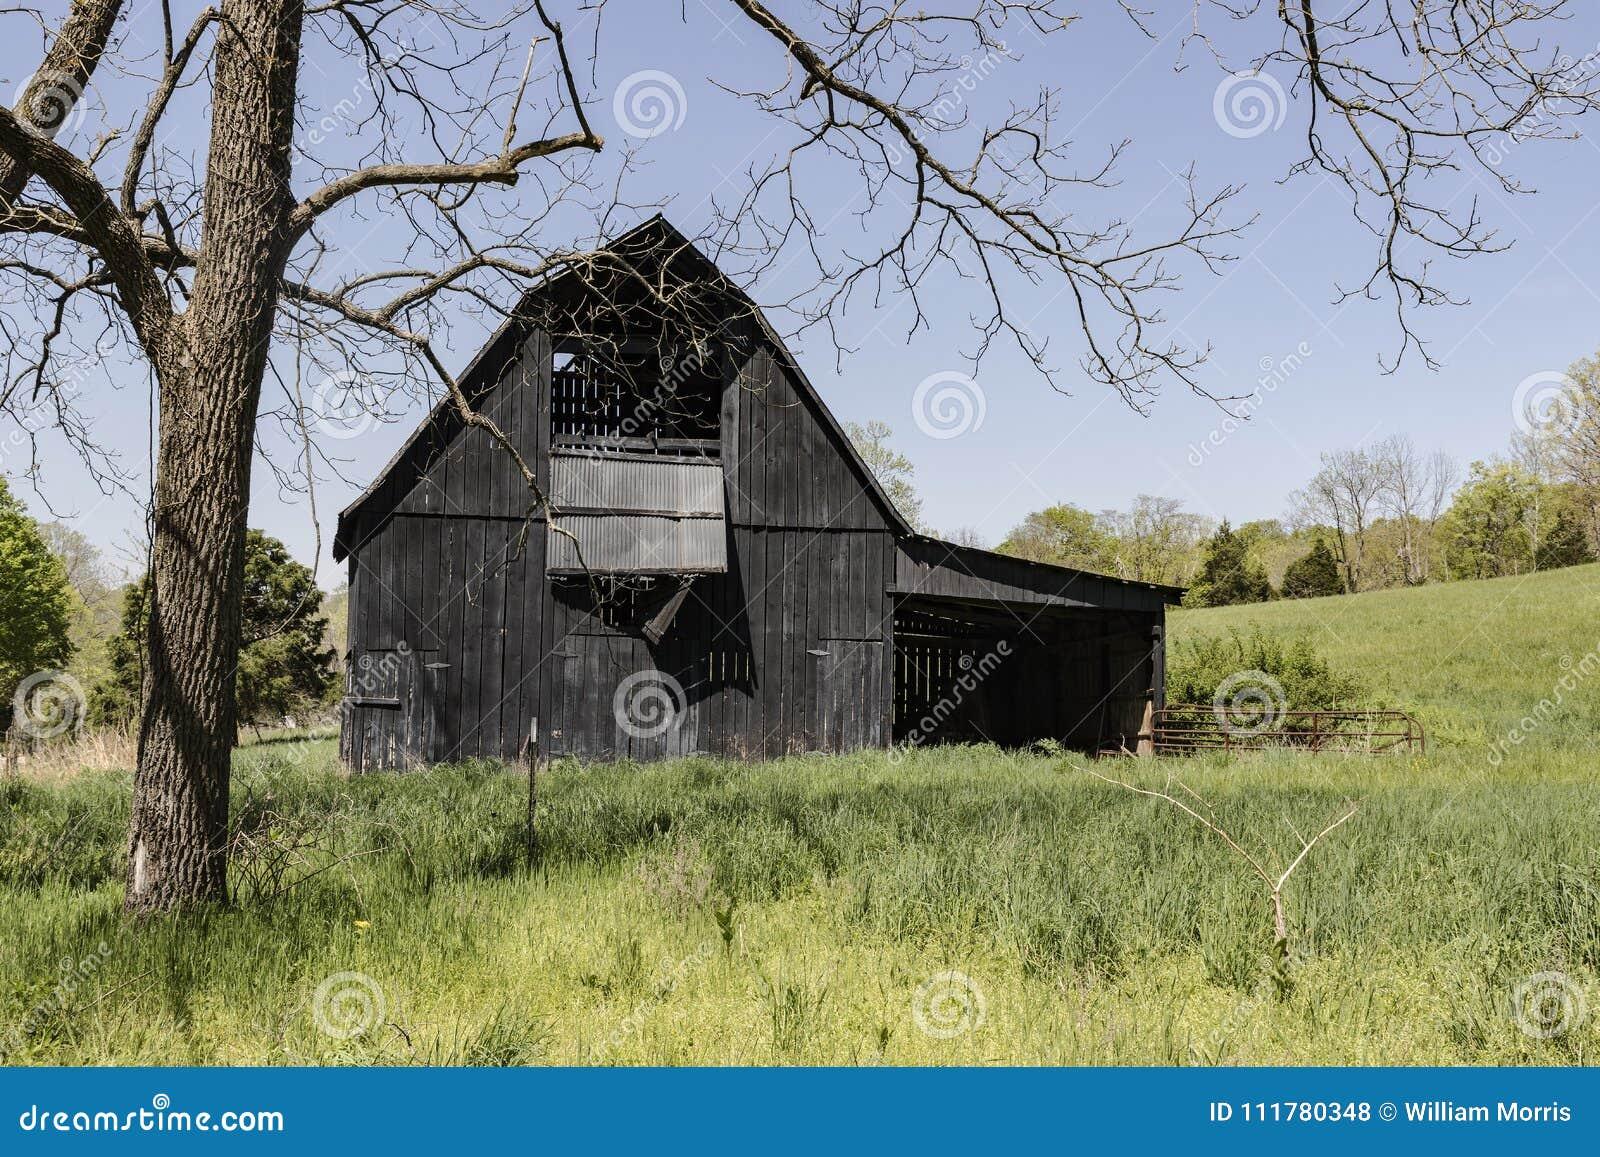 Black barn framed by trees.